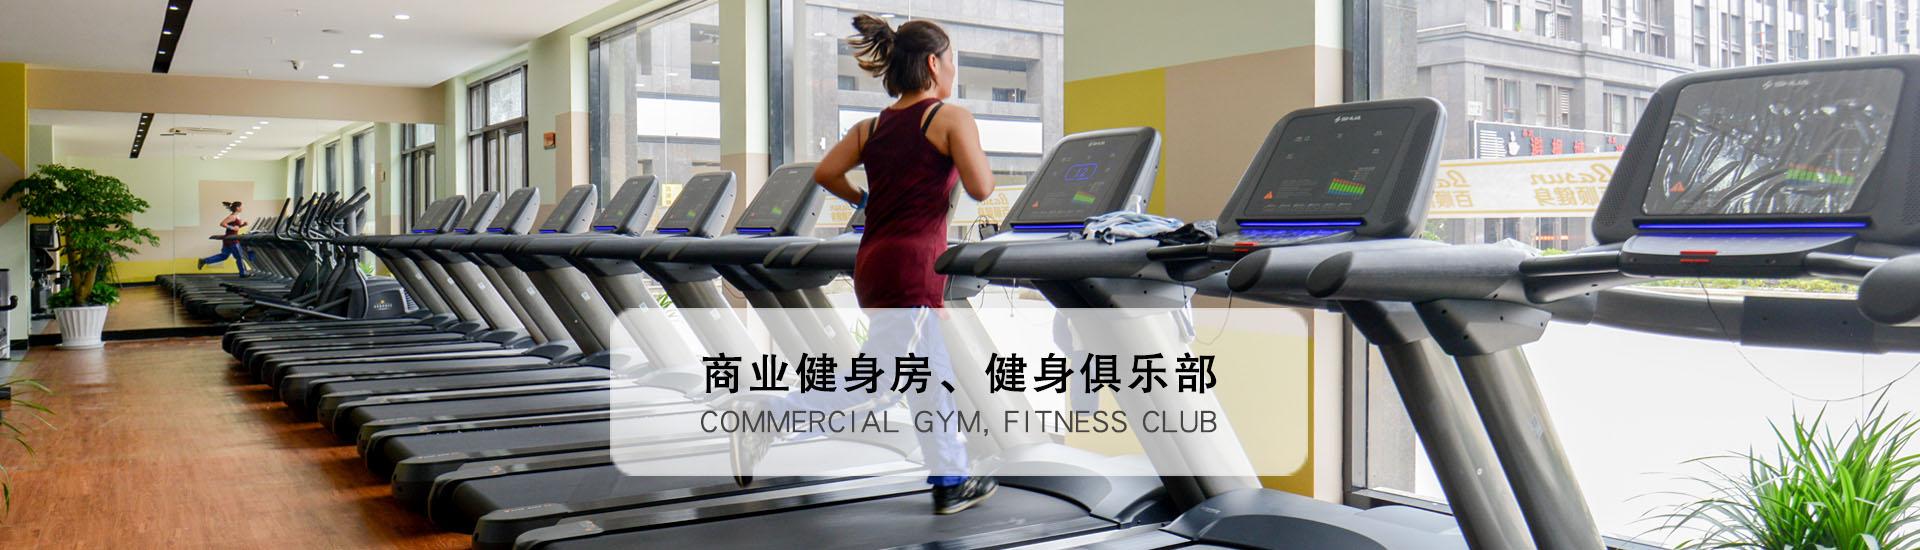 商业健身房和健身俱乐部解决方案